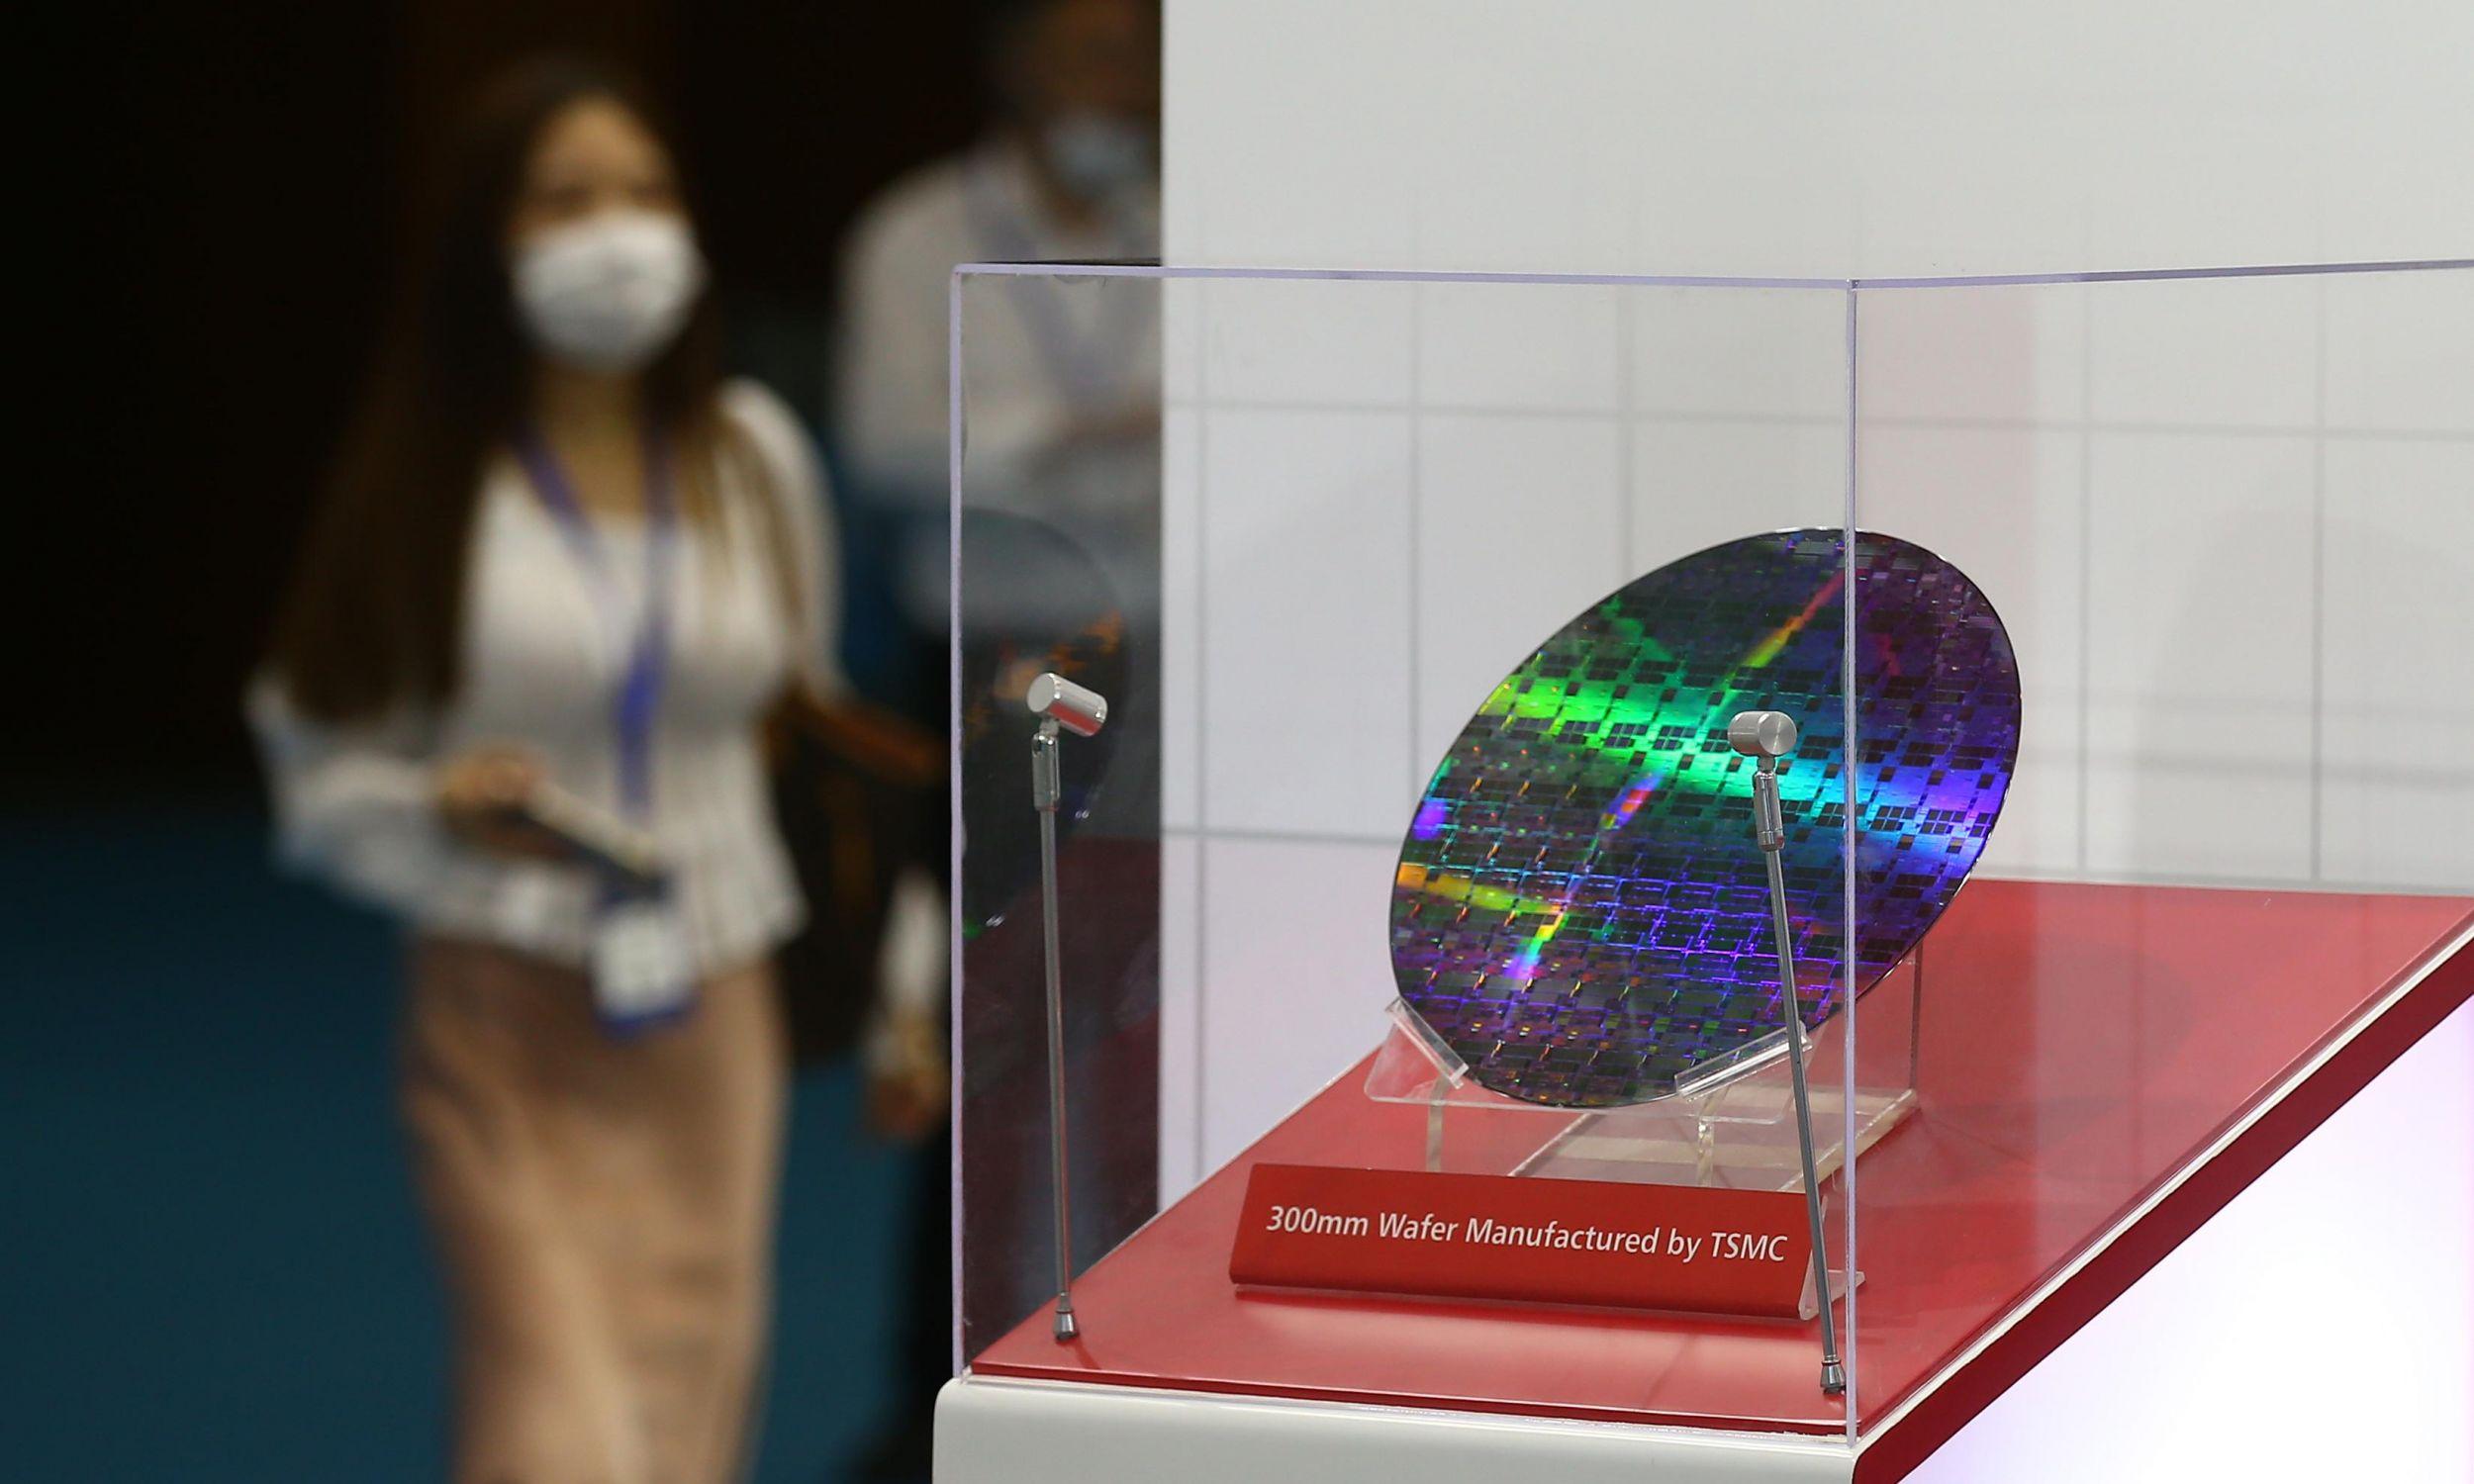 Tajwan to rozrusznik cyfrowej cywilizacji, a postęp technologiczny i wolnego, i komunistycznego świata spoczywa na firmie TSMC. Nad wyspą ciąży jednak widmo zjednoczenia z Chinami i nie wiadomo, jaką metodę obierze do tego Państwo Środka. Na zdjęciu wafel krzemowy 300 mm, wystawiany na stoisku TSMC podczas Światowej Konferencji Półprzewodników 2020 w Nanjing International Expo Center, 26 sierpnia 2020 r. w Nanjing w prowincji Jiangsu w Chinach. Fot. Yang Bo/ China News Service via Getty Images